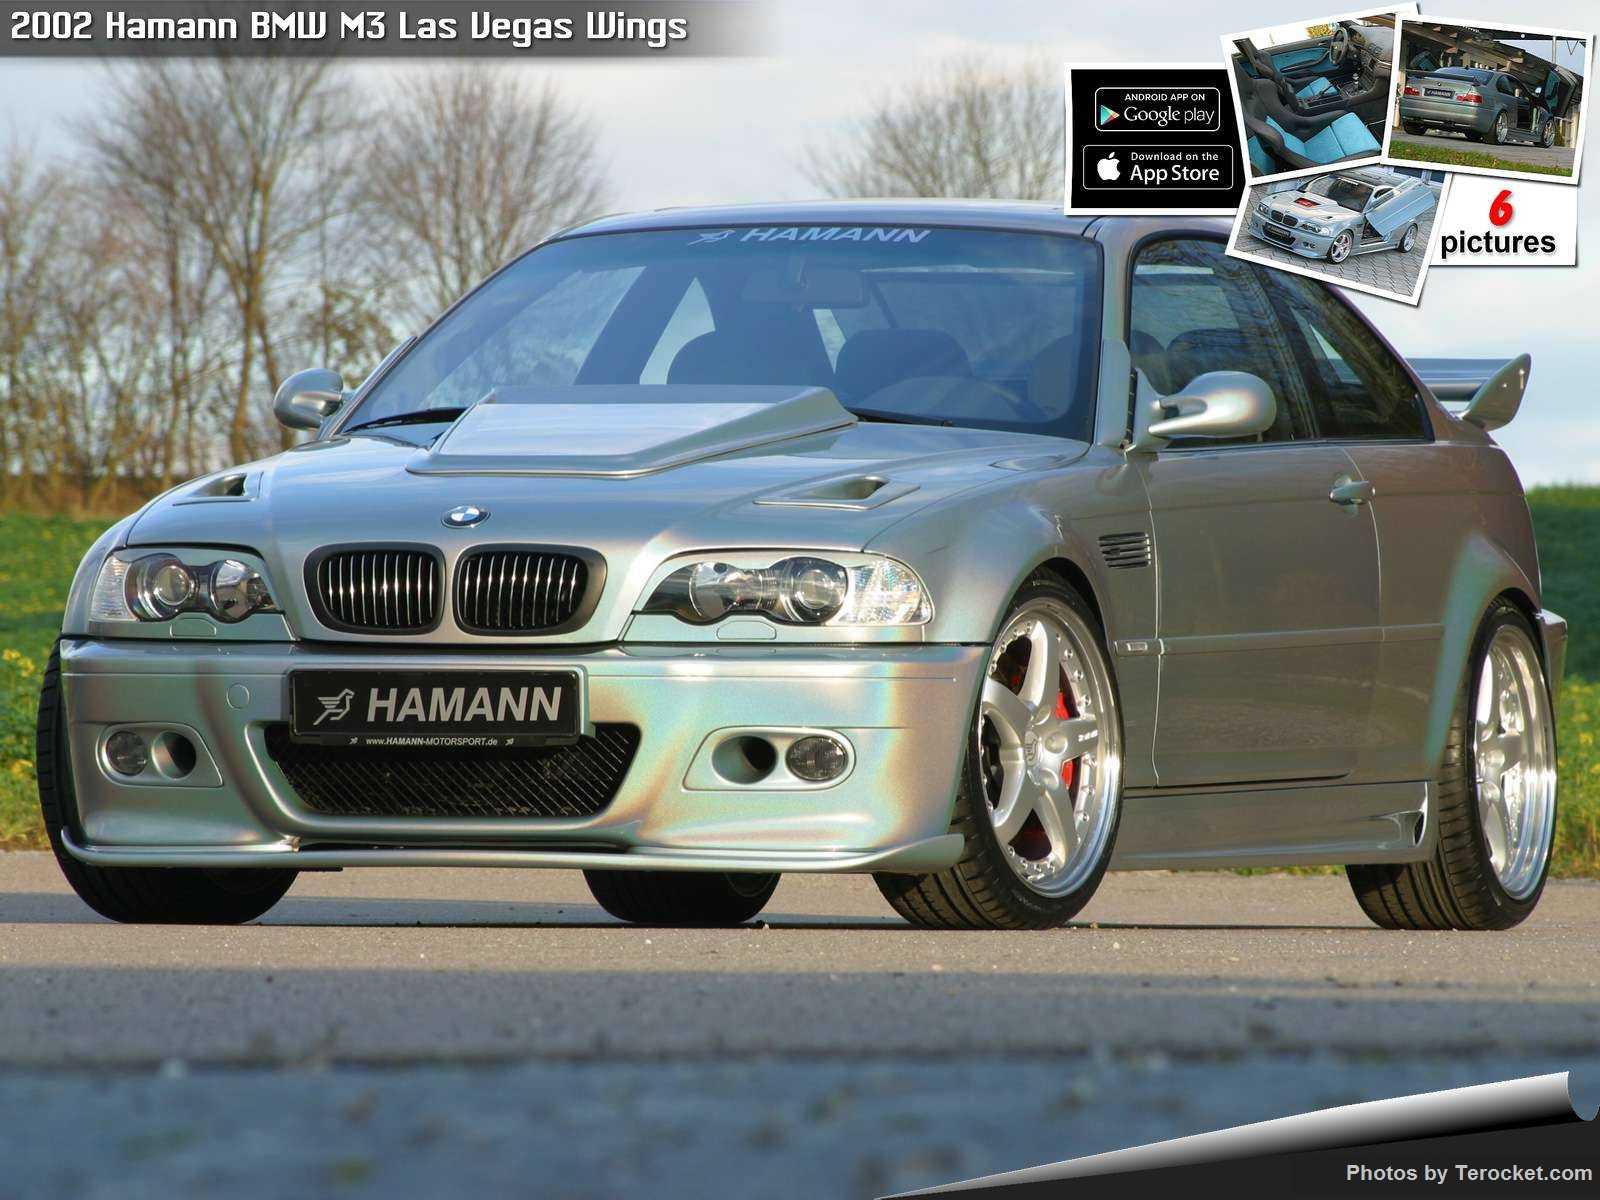 Hình ảnh xe ô tô Hamann BMW M3 Las Vegas Wings 2002 & nội ngoại thất